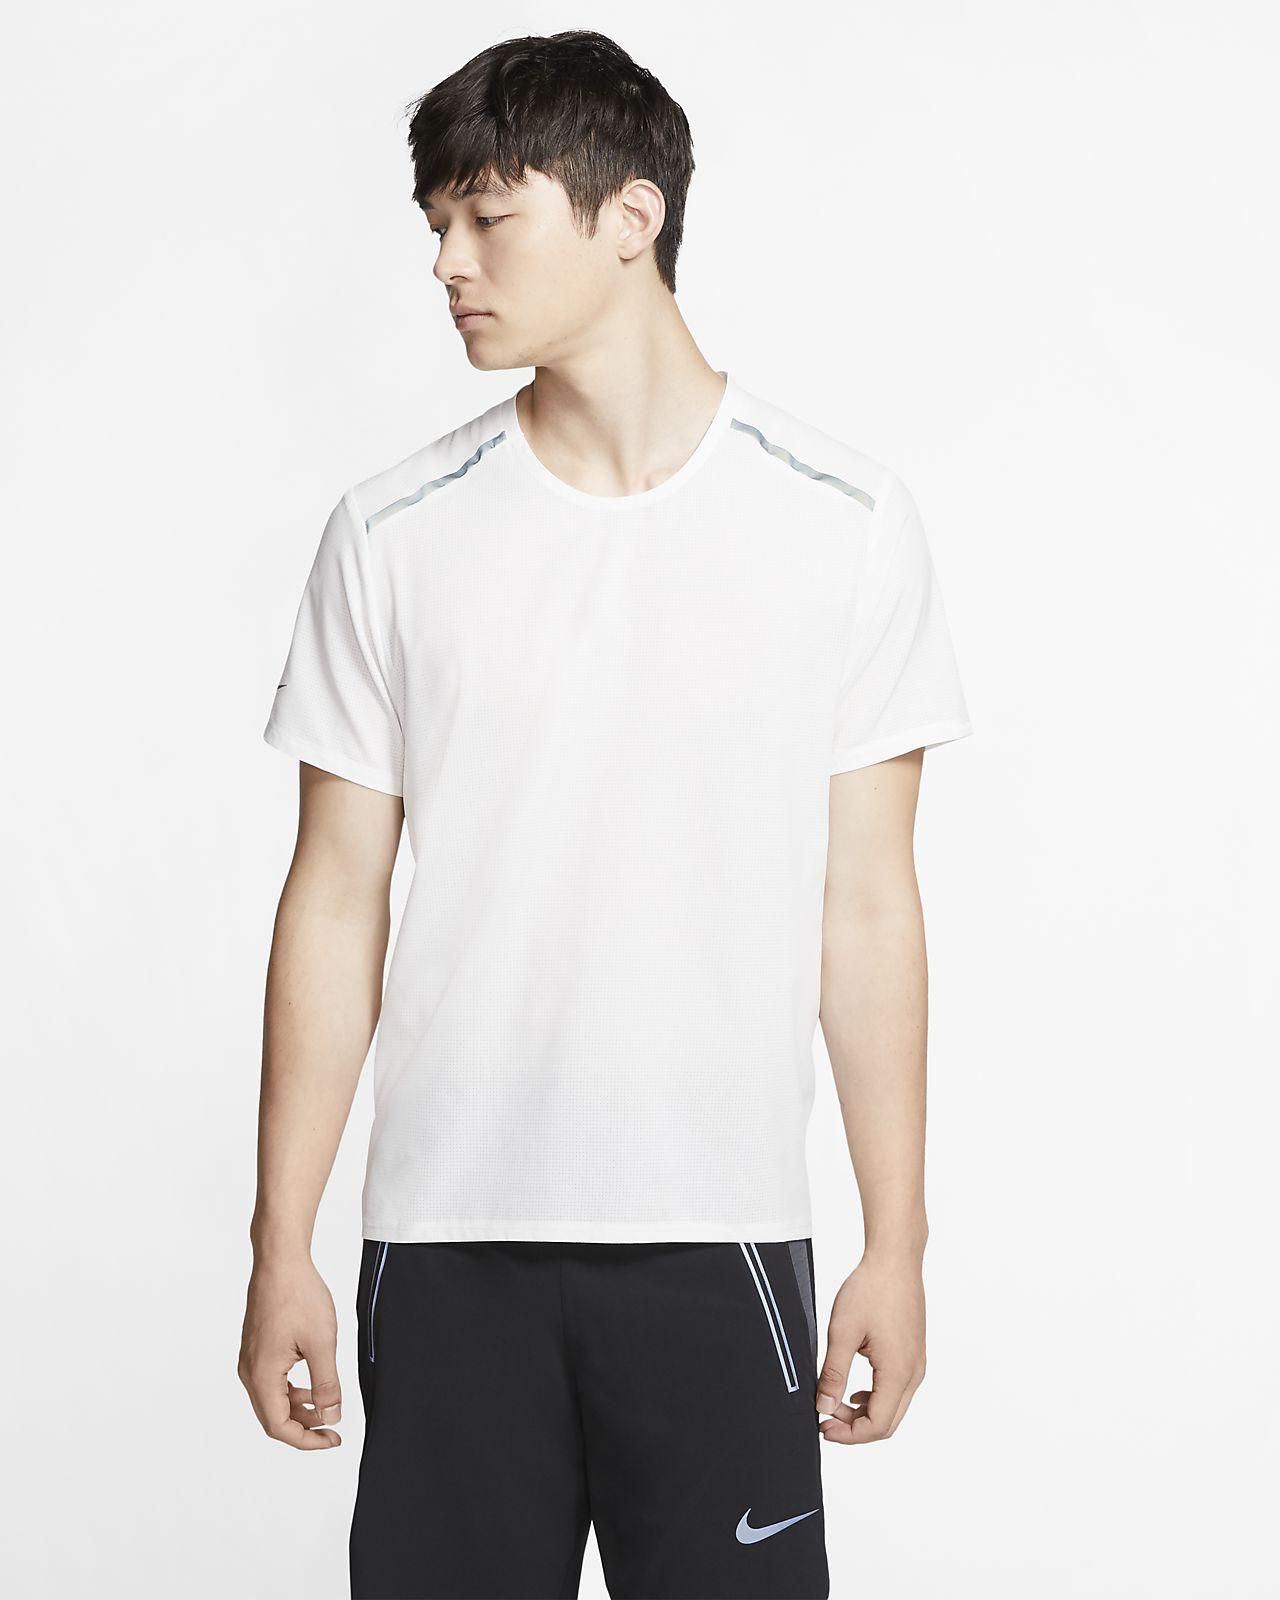 Nike Kurzarm-Laufoberteil für Herren